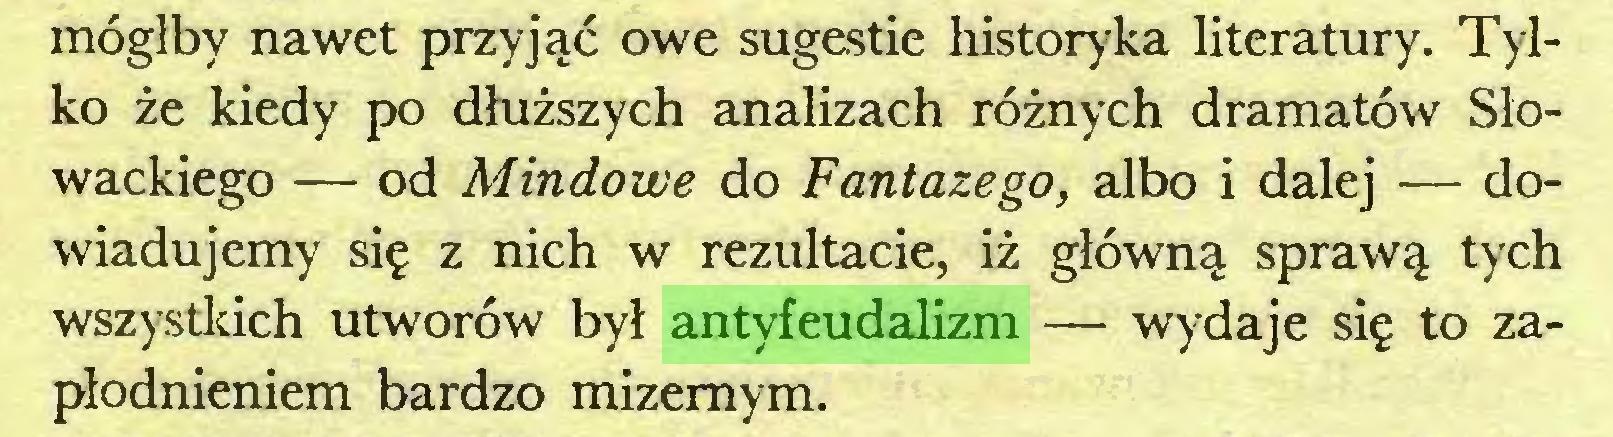 (...) mógłby nawet przyjąć owe sugestie historyka literatury. Tylko że kiedy po dłuższych analizach różnych dramatów Słowackiego — od Mindowe do Fantazego, albo i dalej — dowiadujemy się z nich w rezultacie, iż główną sprawą tych wszystkich utworów był antyfeudalizm — wydaje się to zapłodnieniem bardzo mizernym...